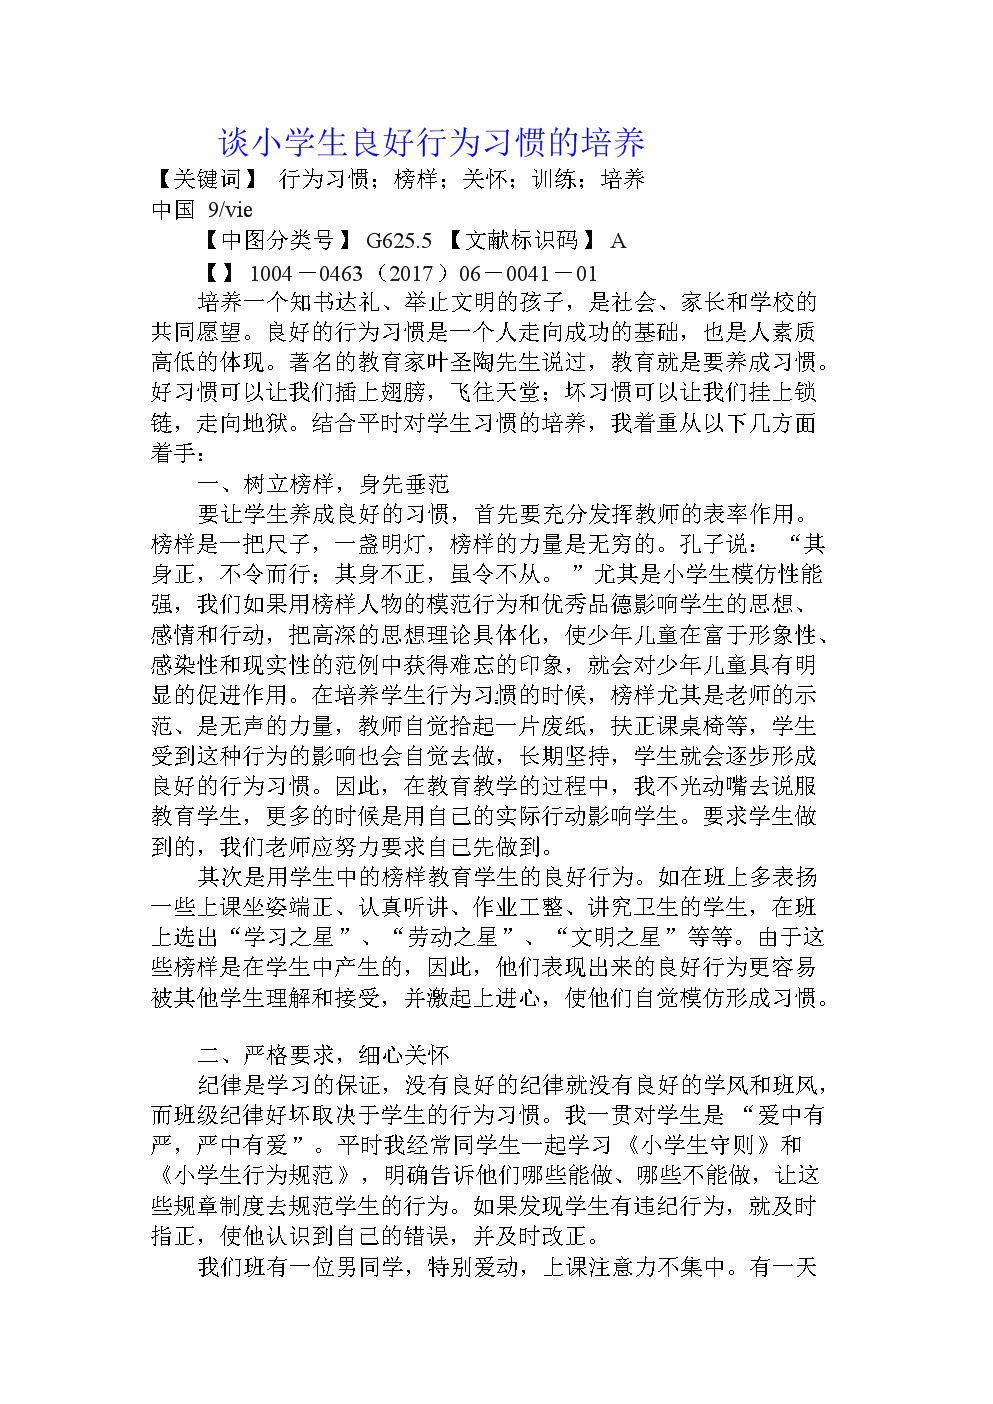 谈小学生良好小学培养的习惯.doc上海行为外国语杭州图片